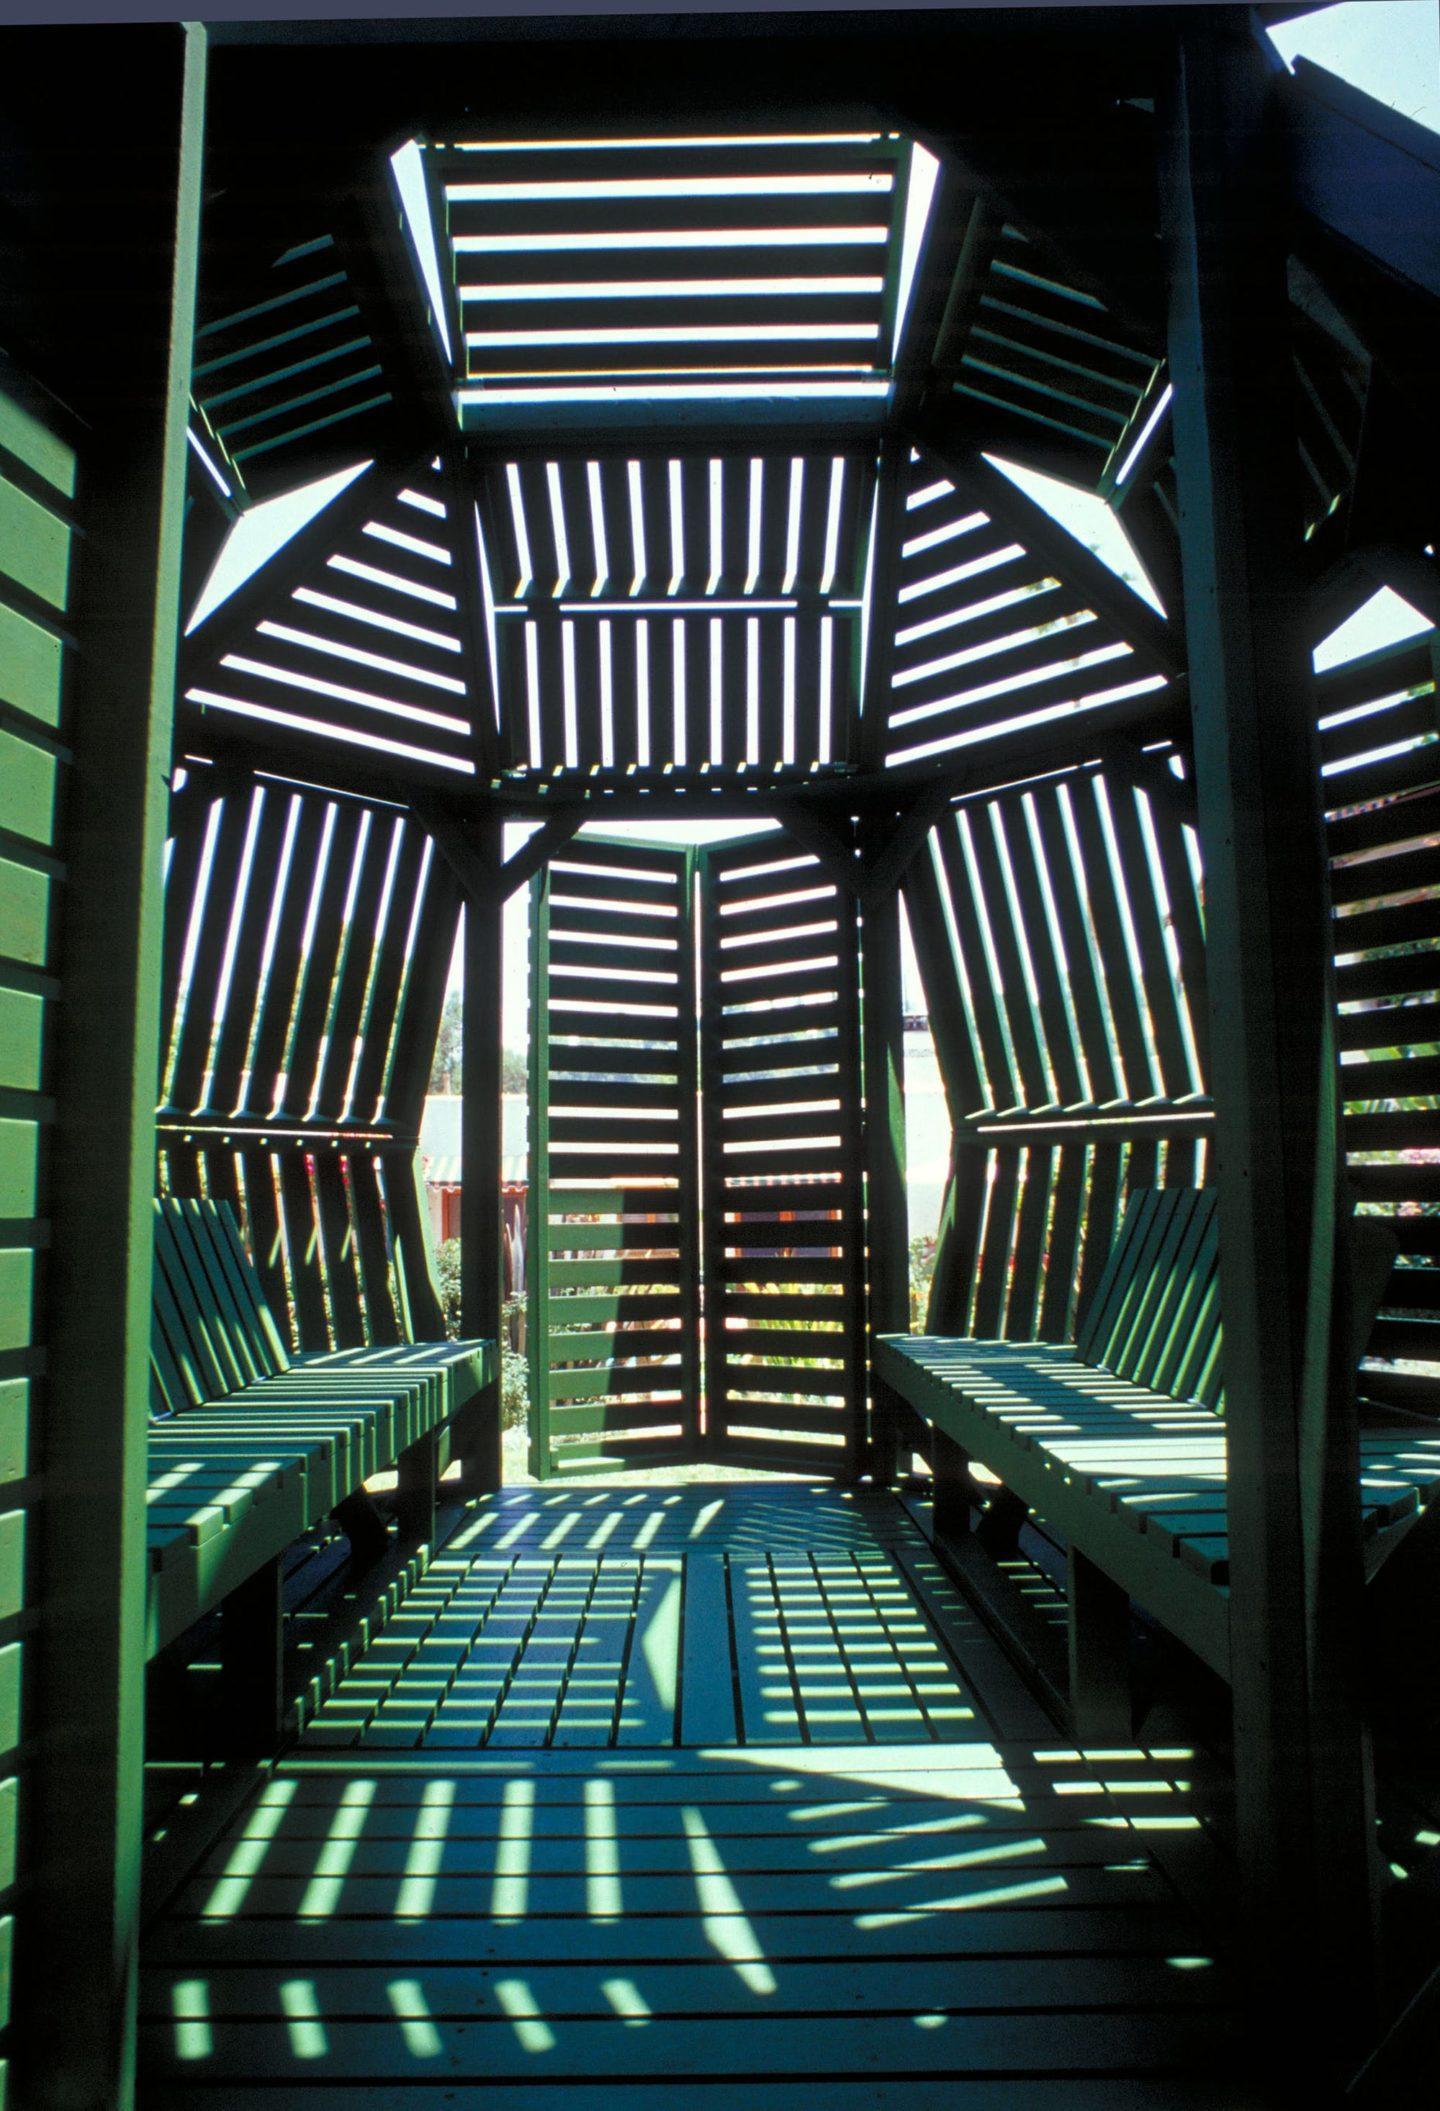 IGNANT-Architecture-Michael-Jantzen-Interactive-Garden-Pavilion-7